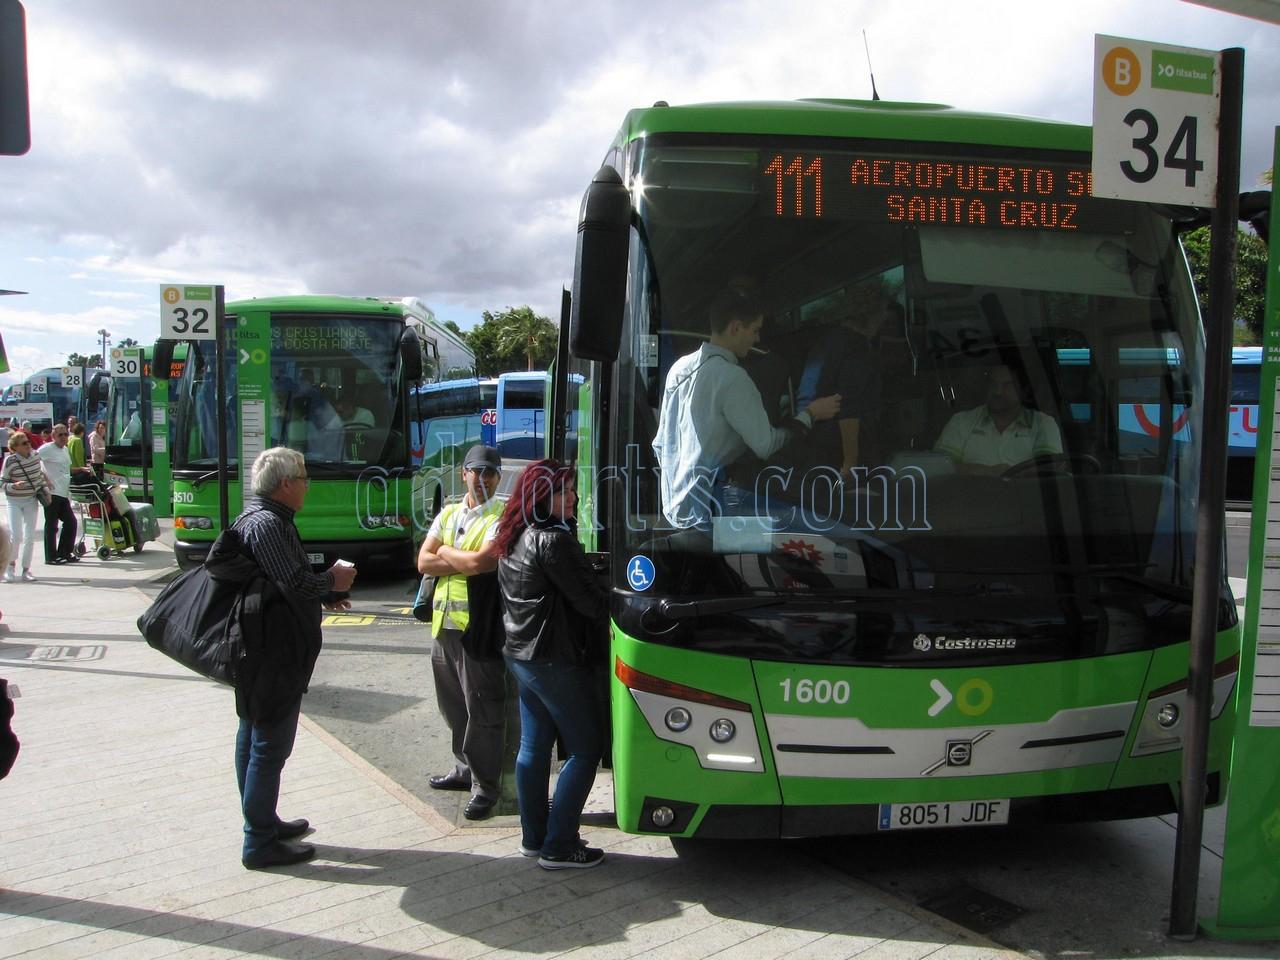 Tenerife bus | Tenerife airport bus 111 | Bus from Tenerife South airport to Santa Cruz